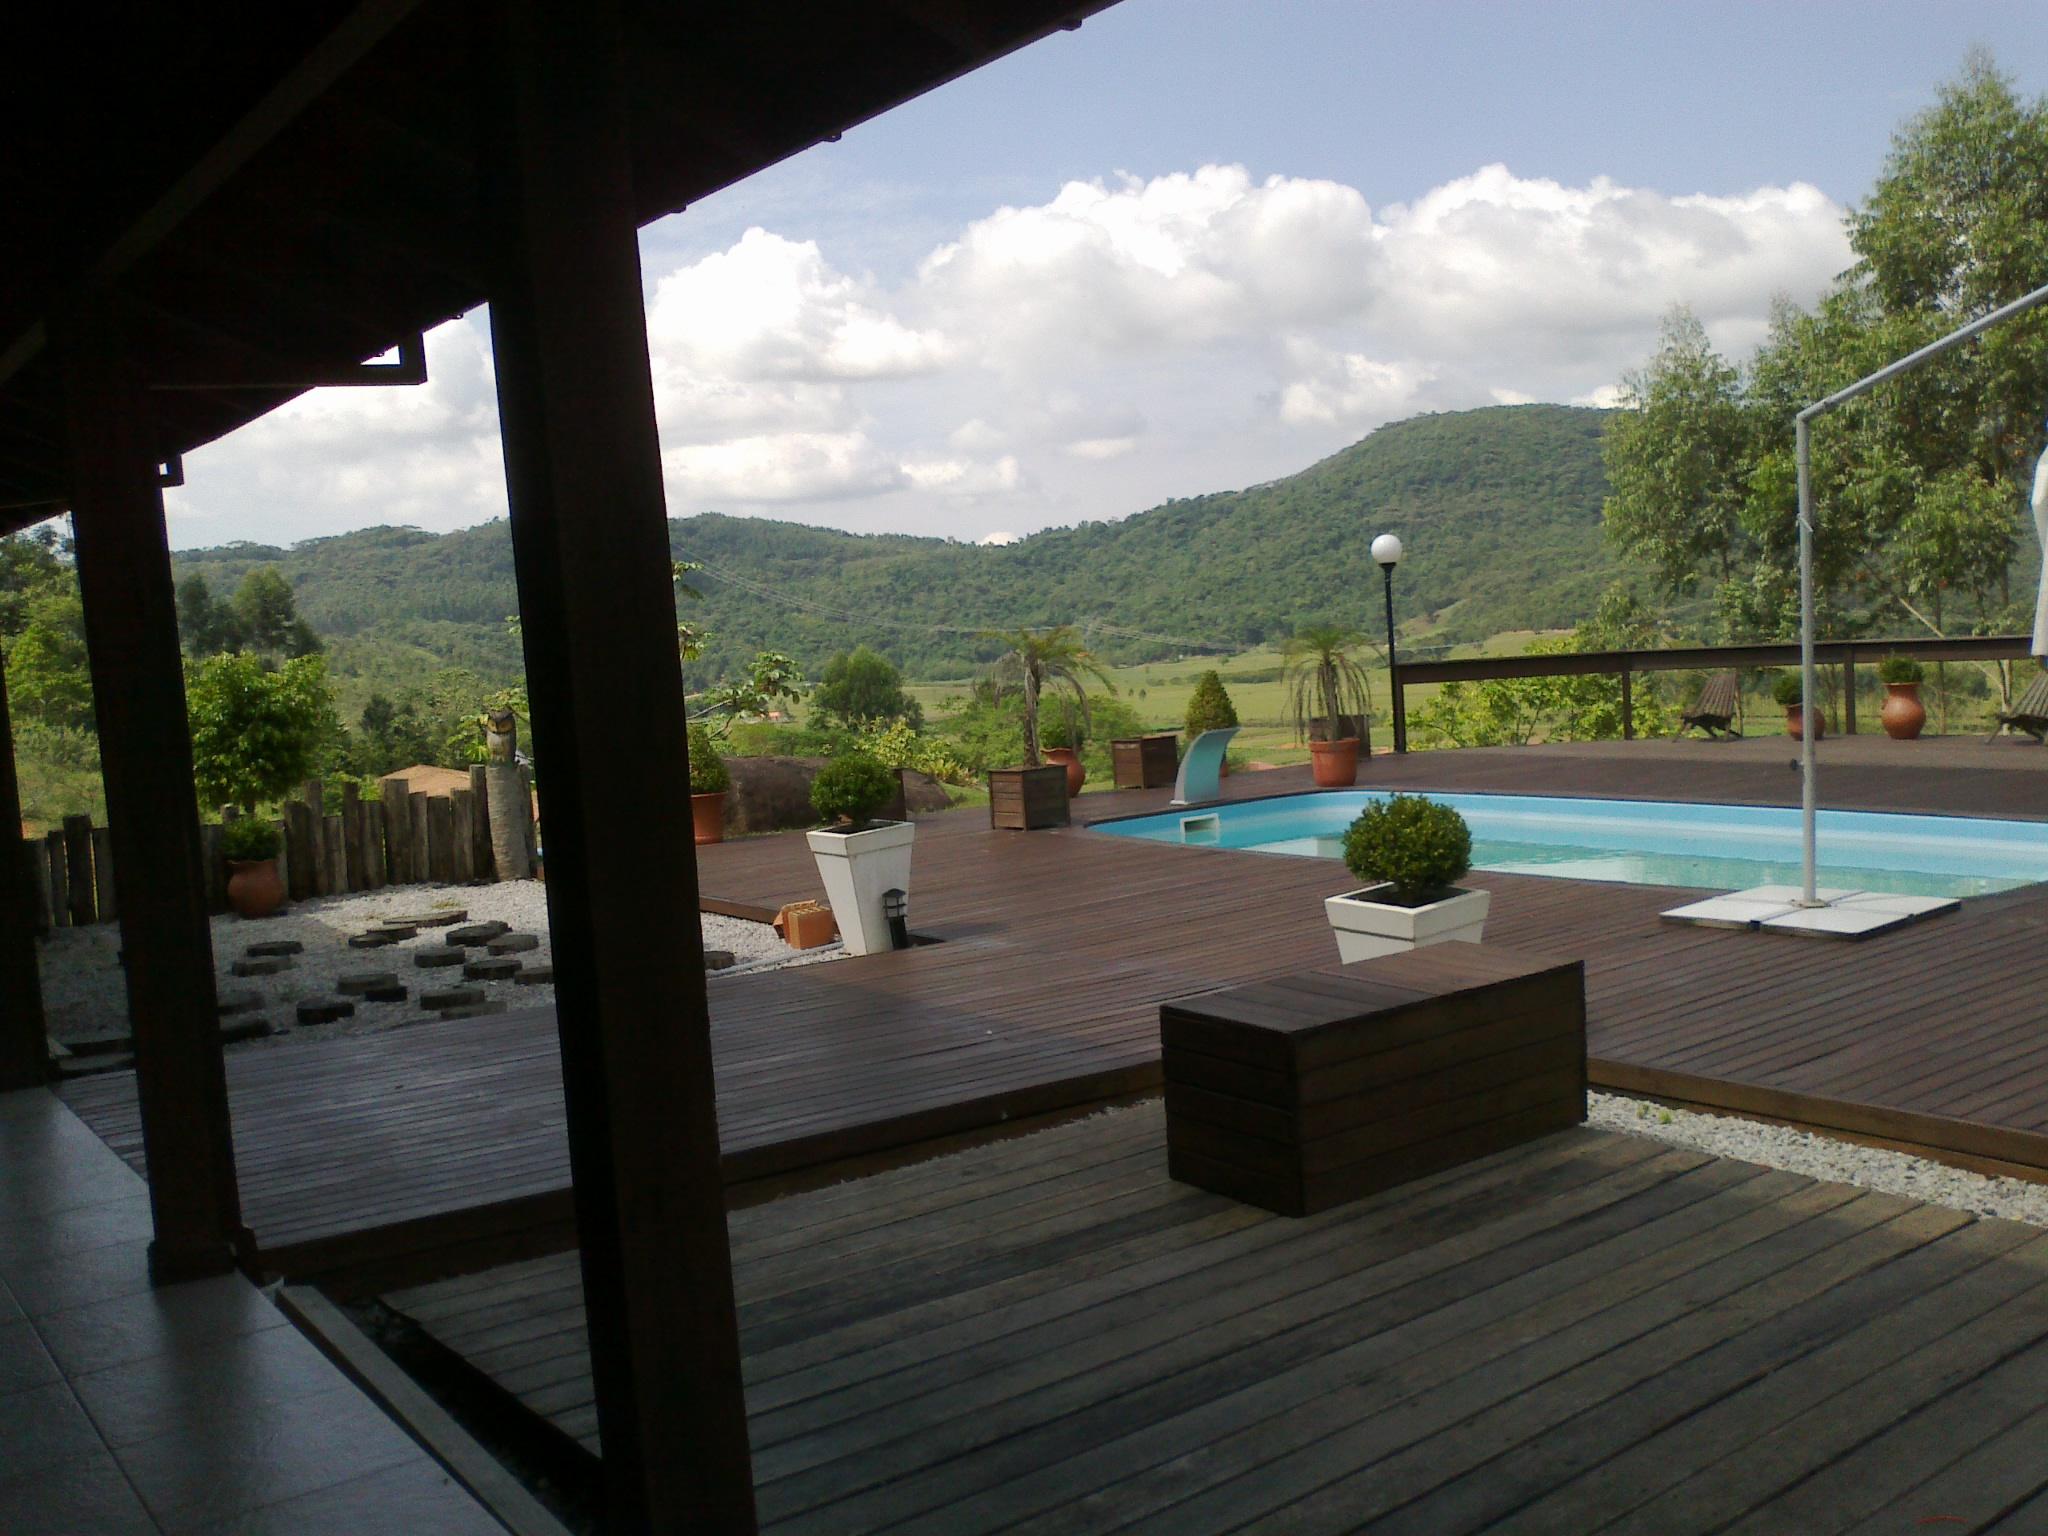 Imagens de #476684 Vidha Imóveis » Casa de Campo em Antônio Carlos Santa Catarina 2048x1536 px 3122 Box Banheiro Acrilico Sao Jose Sc